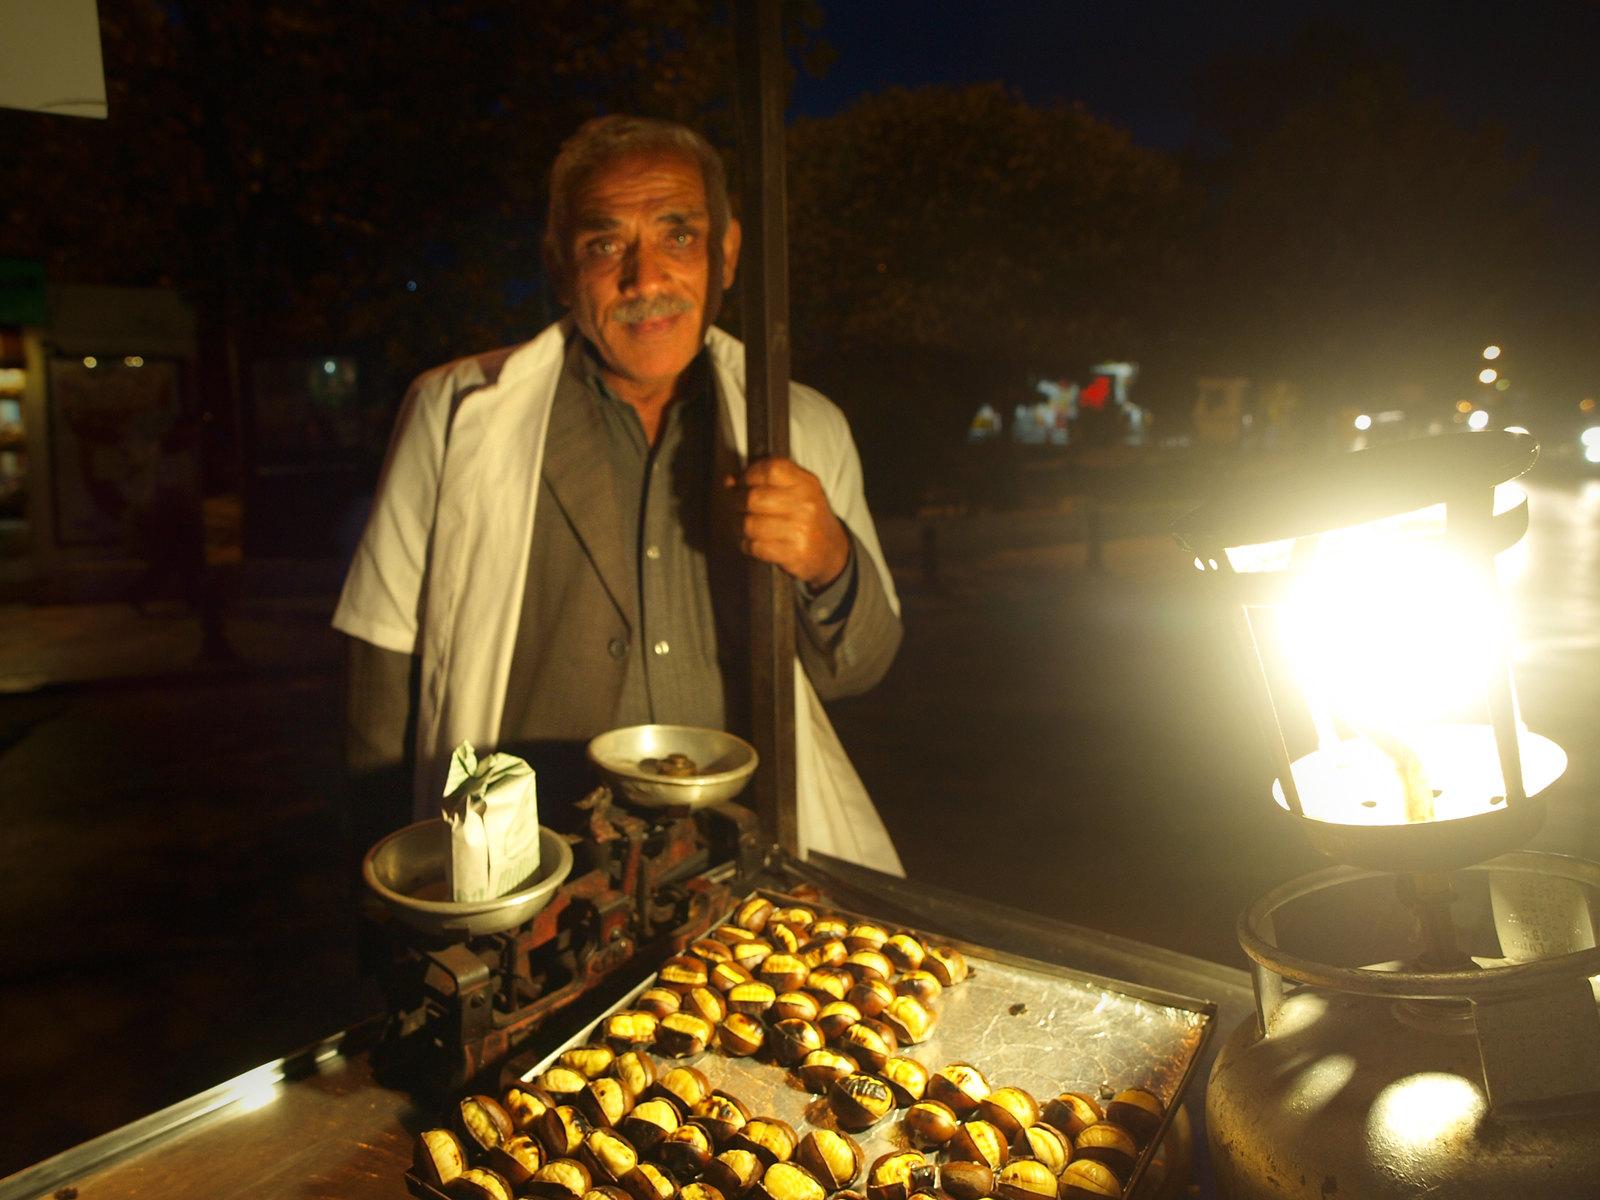 Istanbul - Le vendeur de marrons chauds